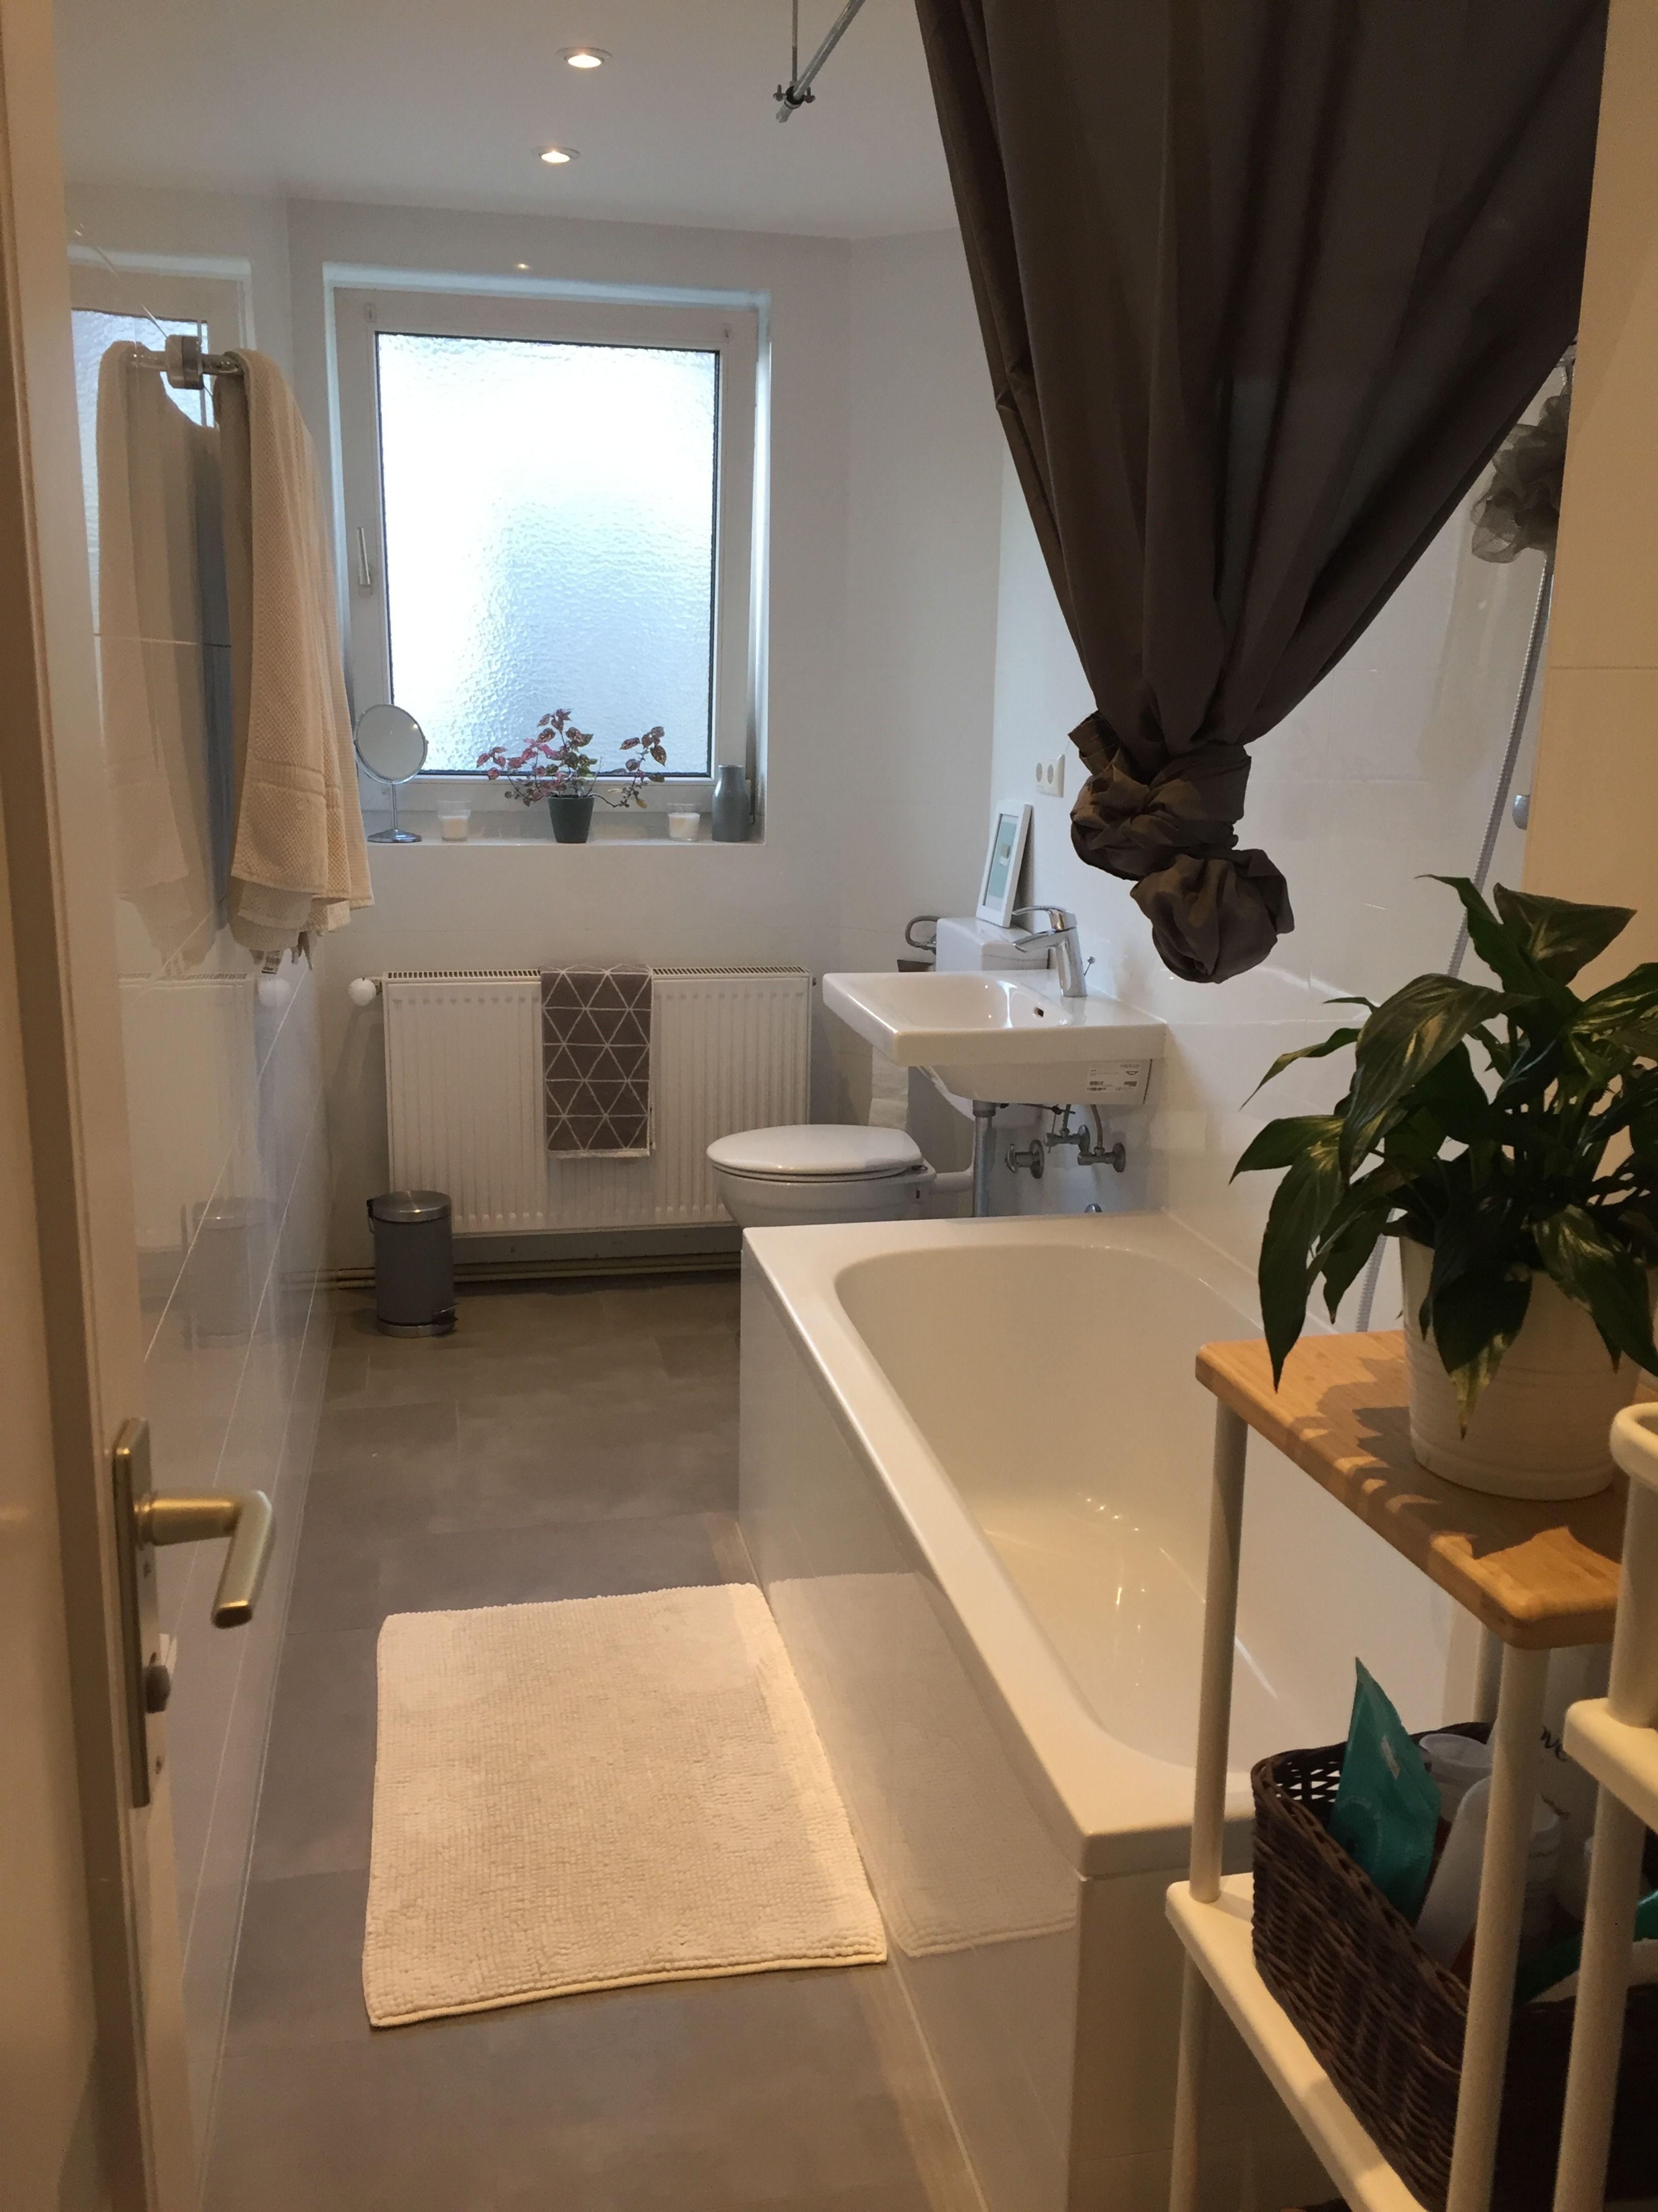 schönes Badezimmer in München  Schöne badezimmer, Badezimmer, Wg